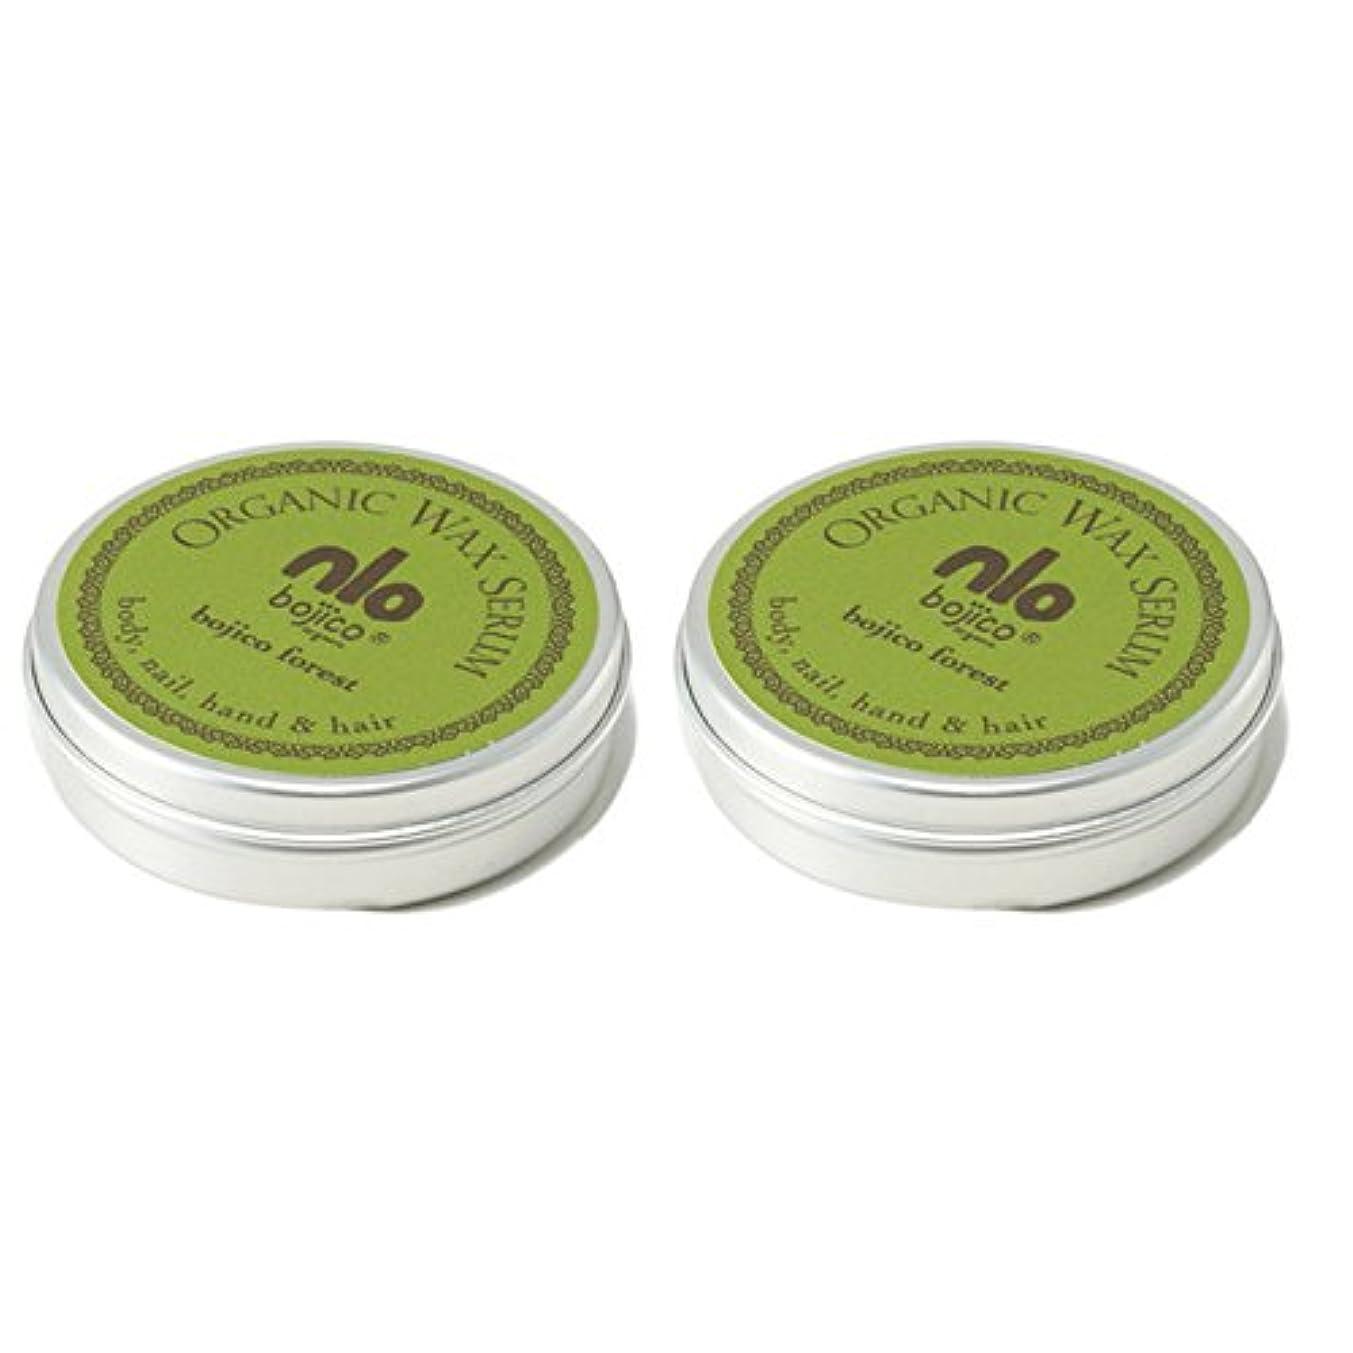 確率受粉する侵入する【40g×2個セット】 ボジコ オーガニック ワックス セラム <フォレスト> bojico Organic Wax Serum 40g×2